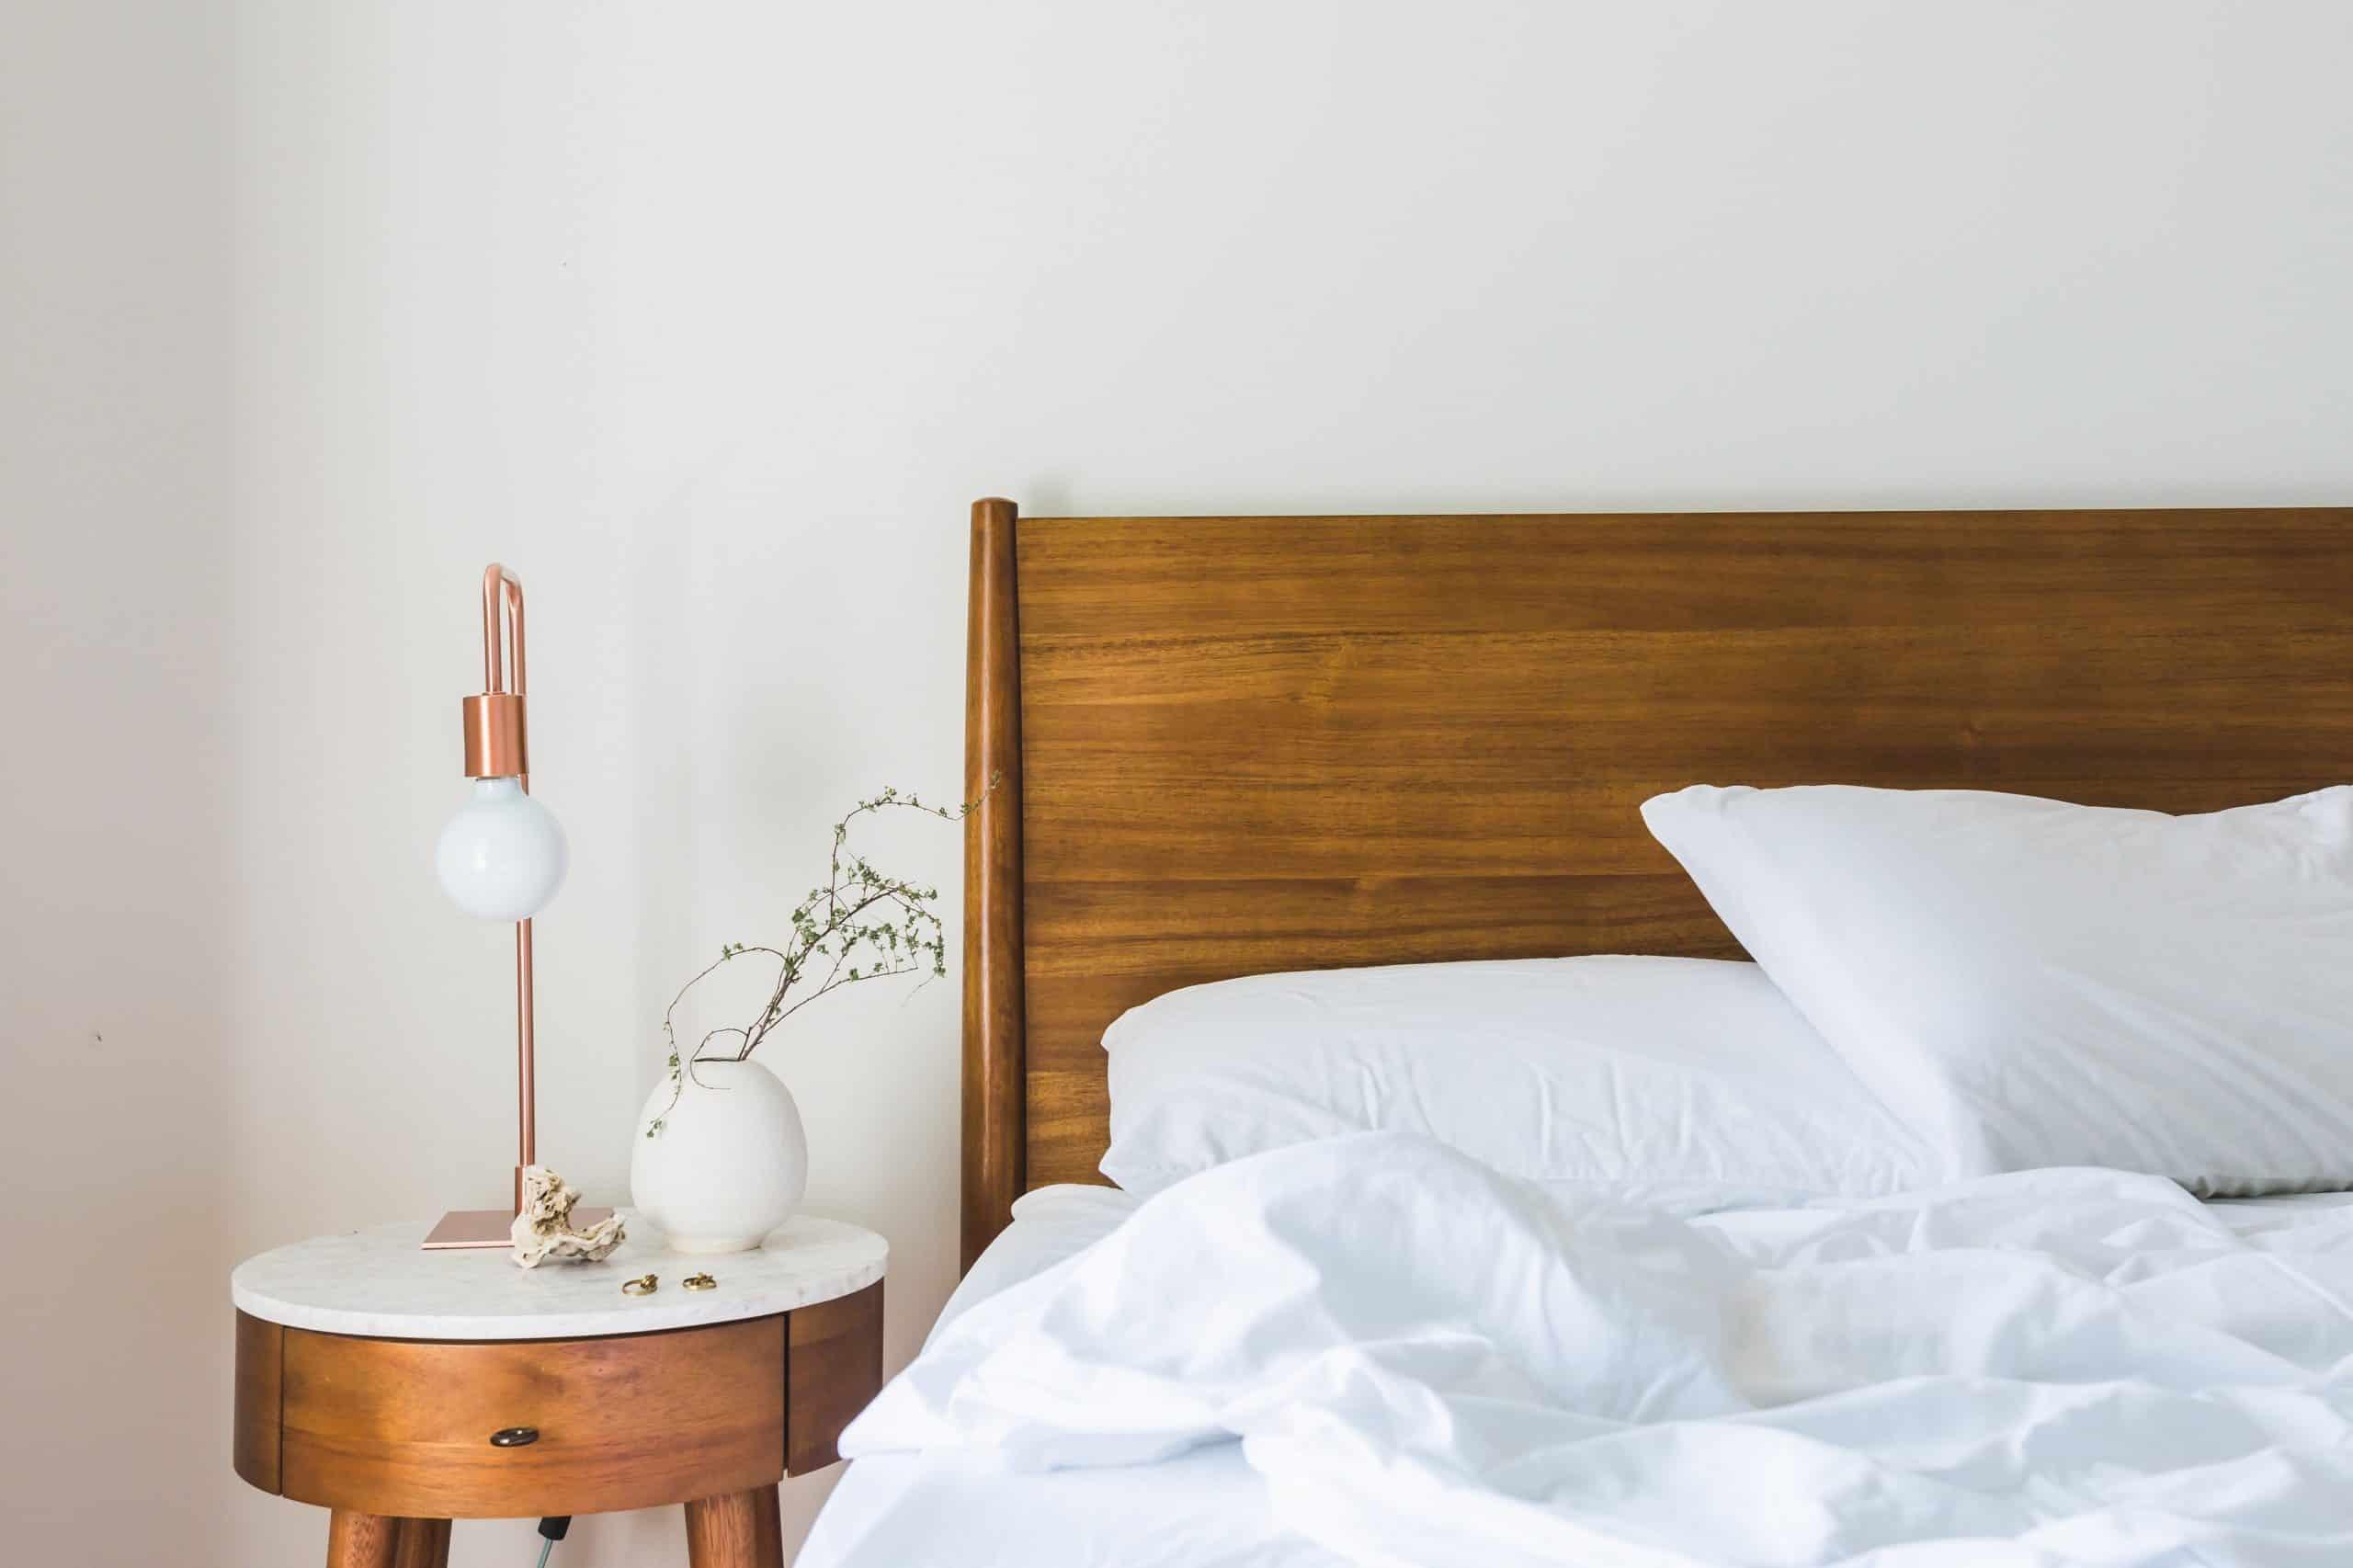 Wooden Bedroom Aesthetics